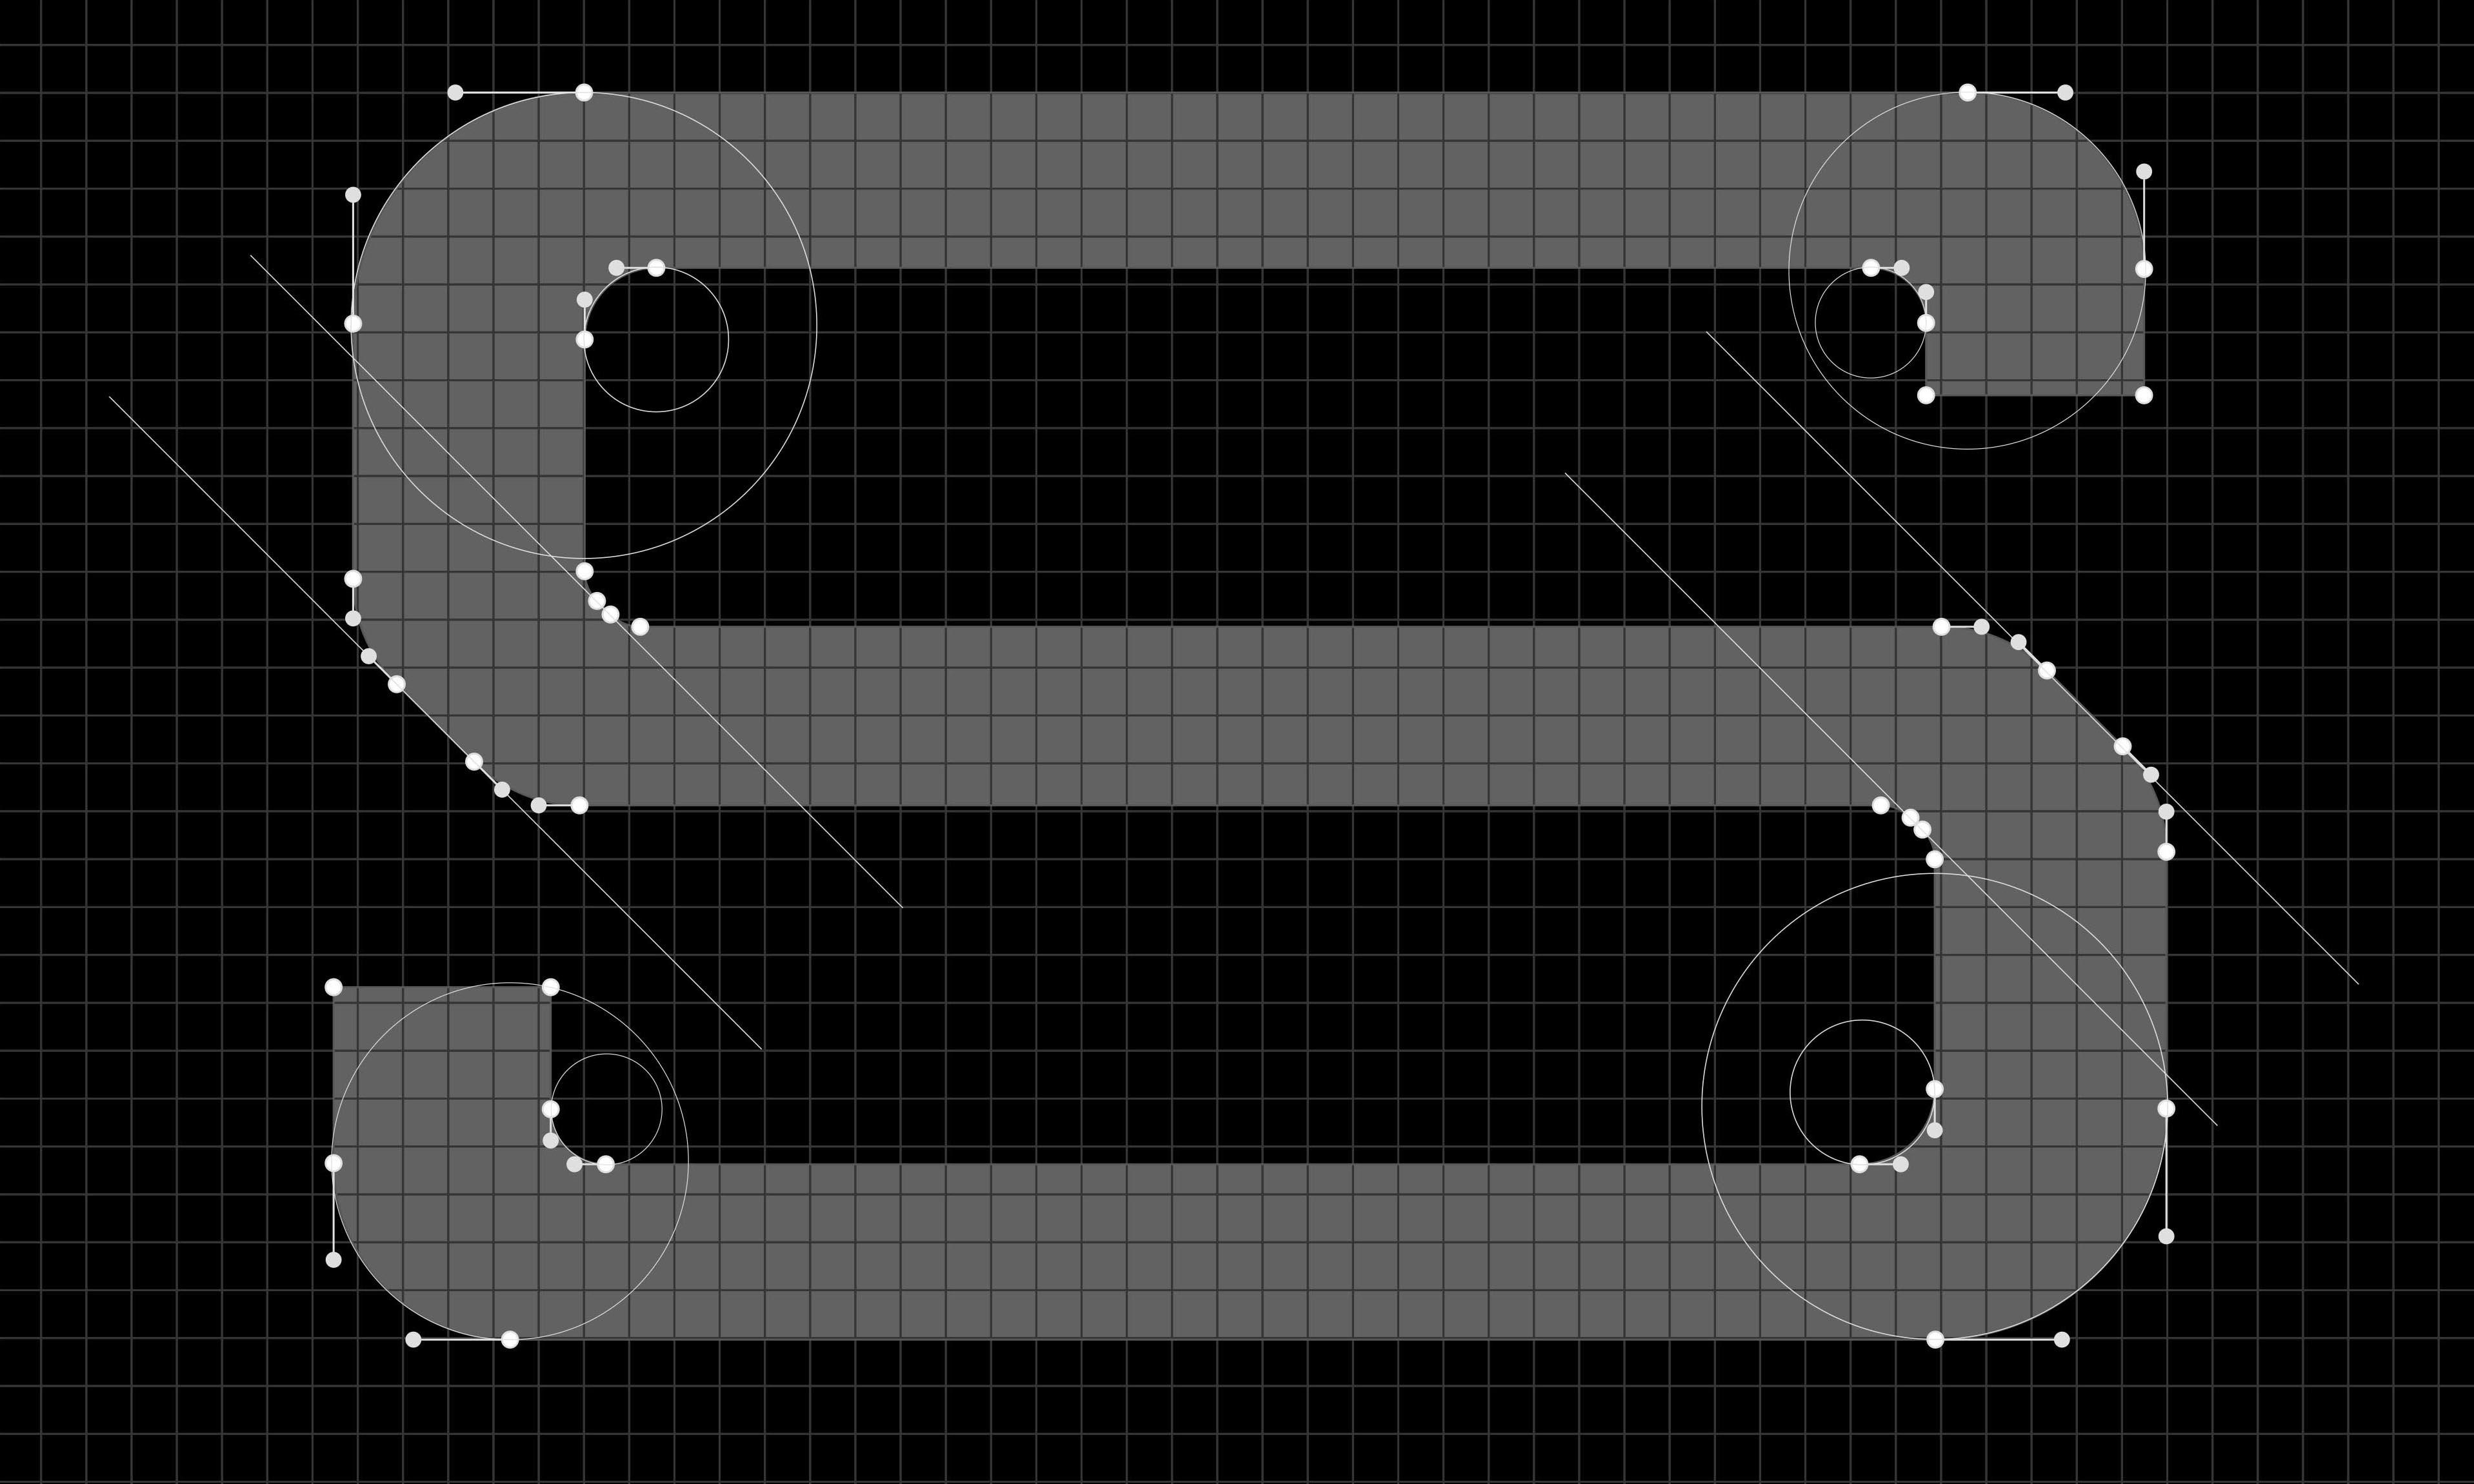 Logo grid design for Spencer Badu branding